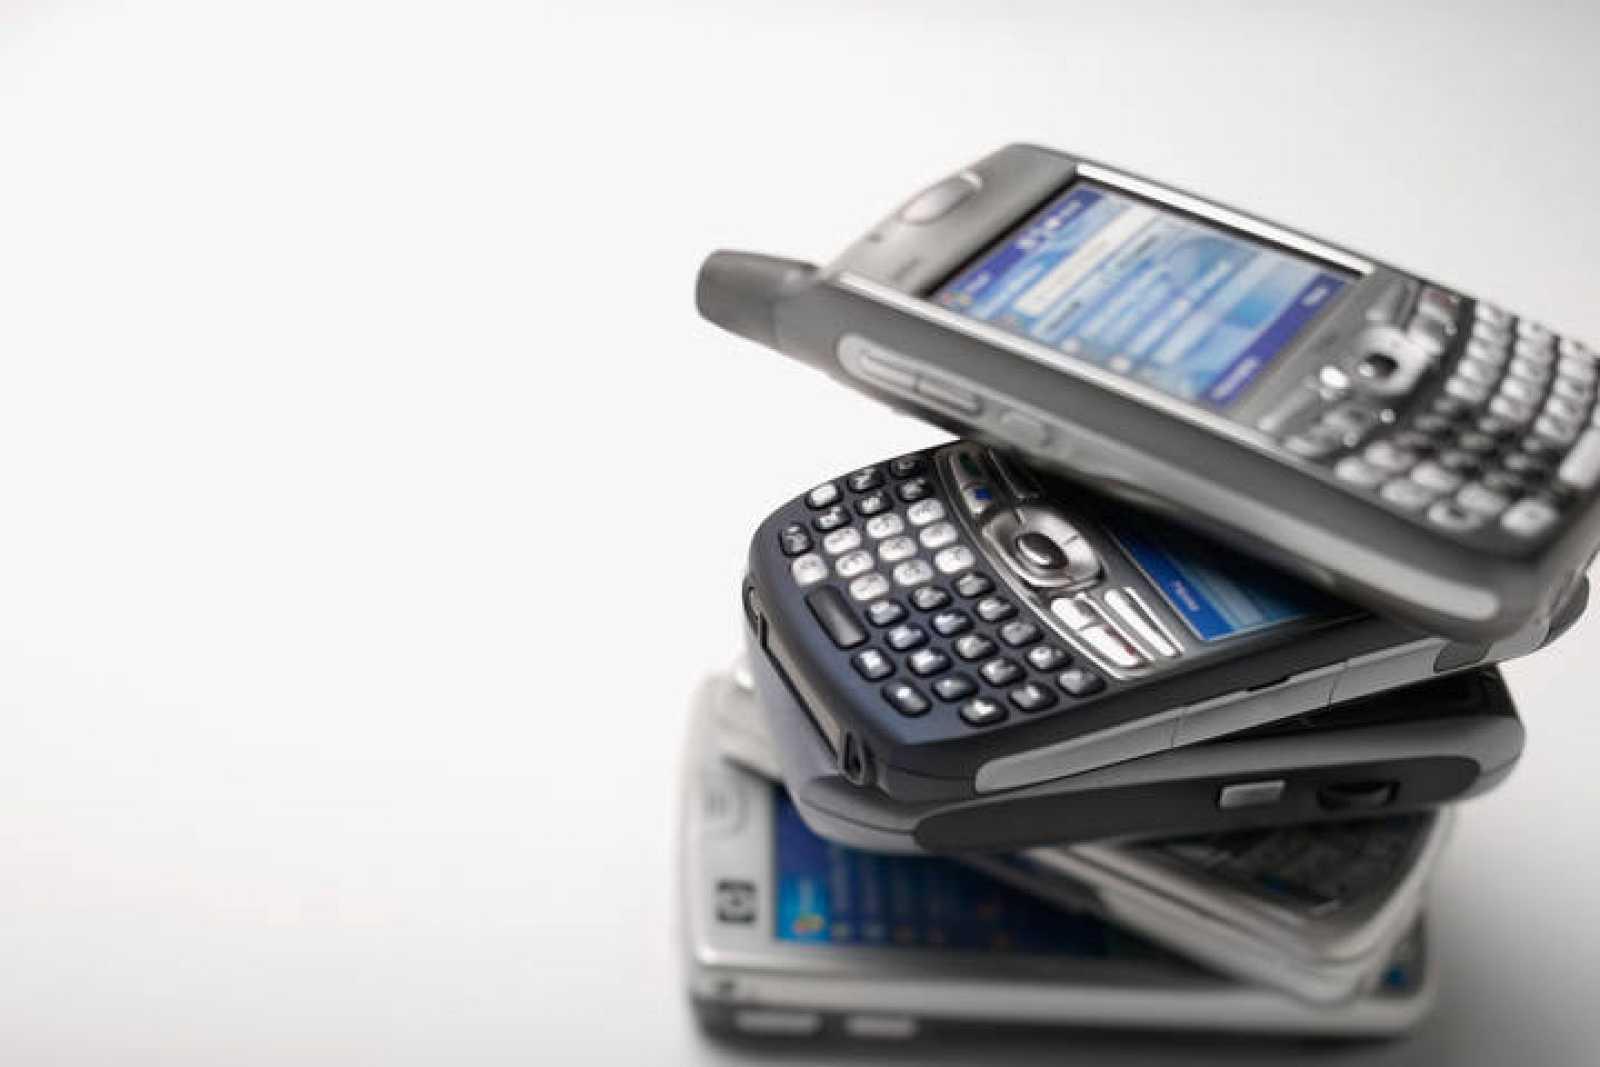 Las BlackBerrys han perdido el liderazgo en el mercado de los 'smartphones'